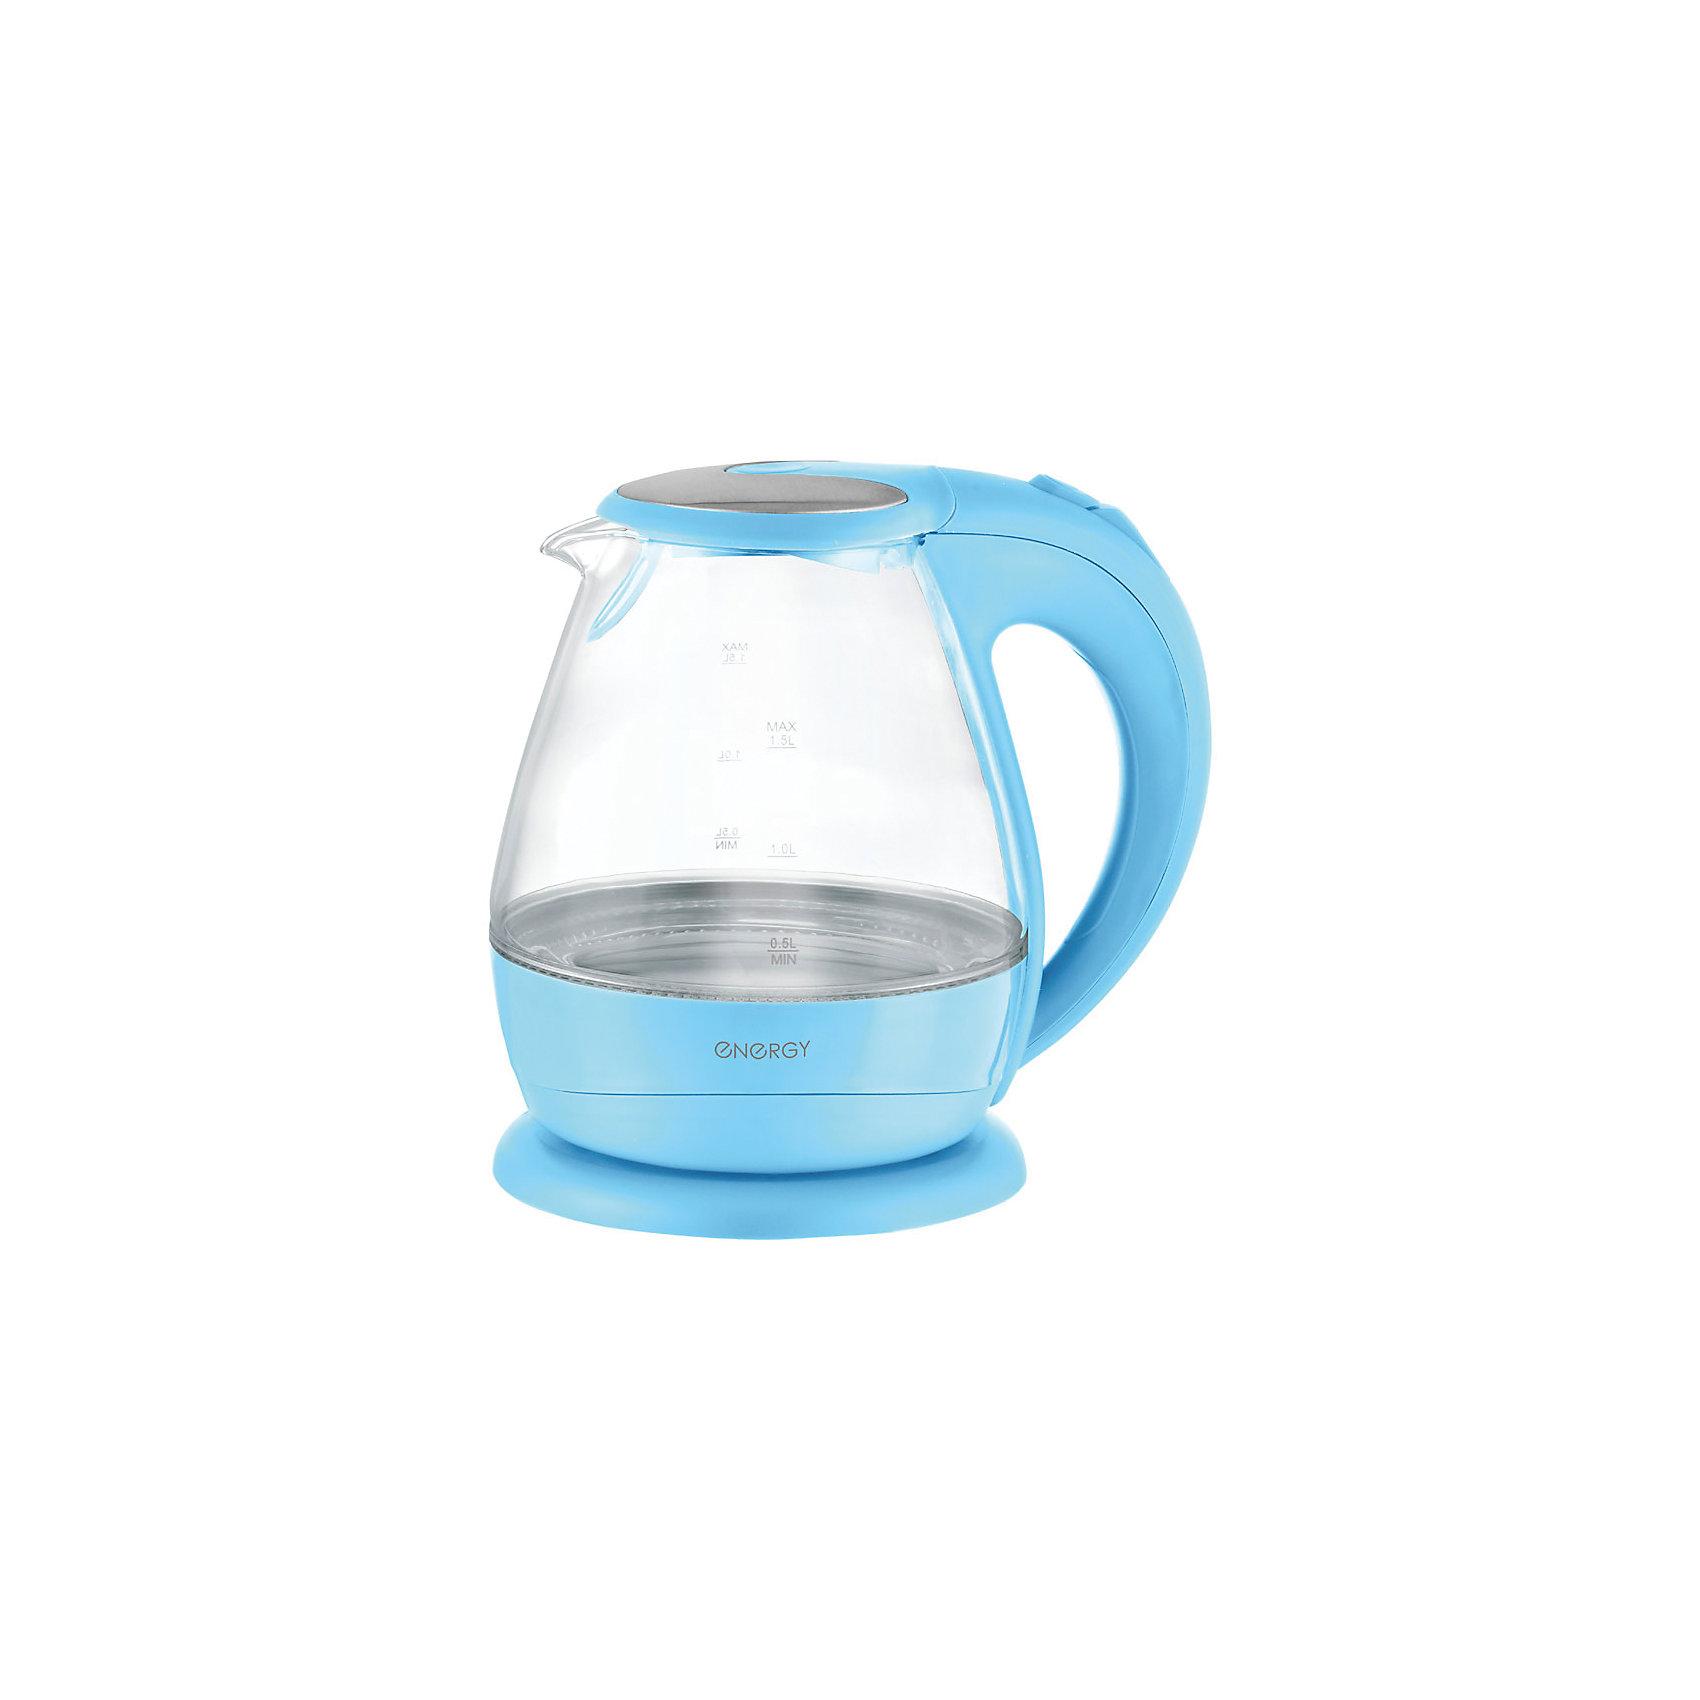 Чайник E-266 (1,5 л, диск) стеклянный, Energy, голубойЭлектрический чайник Energy дает возможность быстро вскипятить воду. Чайник оборудован закрытым нагревательным элементом из нержавеющей стали, есть автоматический выключатель. Имеется внутренняя подсветка. Предусмотрена защита от работы без воды. Фильтр чайника съемный. Чайник на подставке можно поворачивать на 360 градусов. Шкала уровня воды находится на внешней стороне чайника, корпус полностью прозрачный.<br><br>Дополнительная информация:<br><br>Размер чайника: 23,5х21,2х19,9 см<br>Объем чайника: 1,5 л<br><br>Материал: термостойкое стекло, пластик, нержавеющая сталь<br><br>Мощность: 1850-2200Вт<br>Напряжение: 220-240В, 50/60Гц<br> <br>Чайник E-266 (1,5 л, диск) стеклянный, Energy, голубой можно купить в нашем интернет-магазине.<br><br>Ширина мм: 210<br>Глубина мм: 200<br>Высота мм: 240<br>Вес г: 1415<br>Возраст от месяцев: 216<br>Возраст до месяцев: 1080<br>Пол: Унисекс<br>Возраст: Детский<br>SKU: 4989887